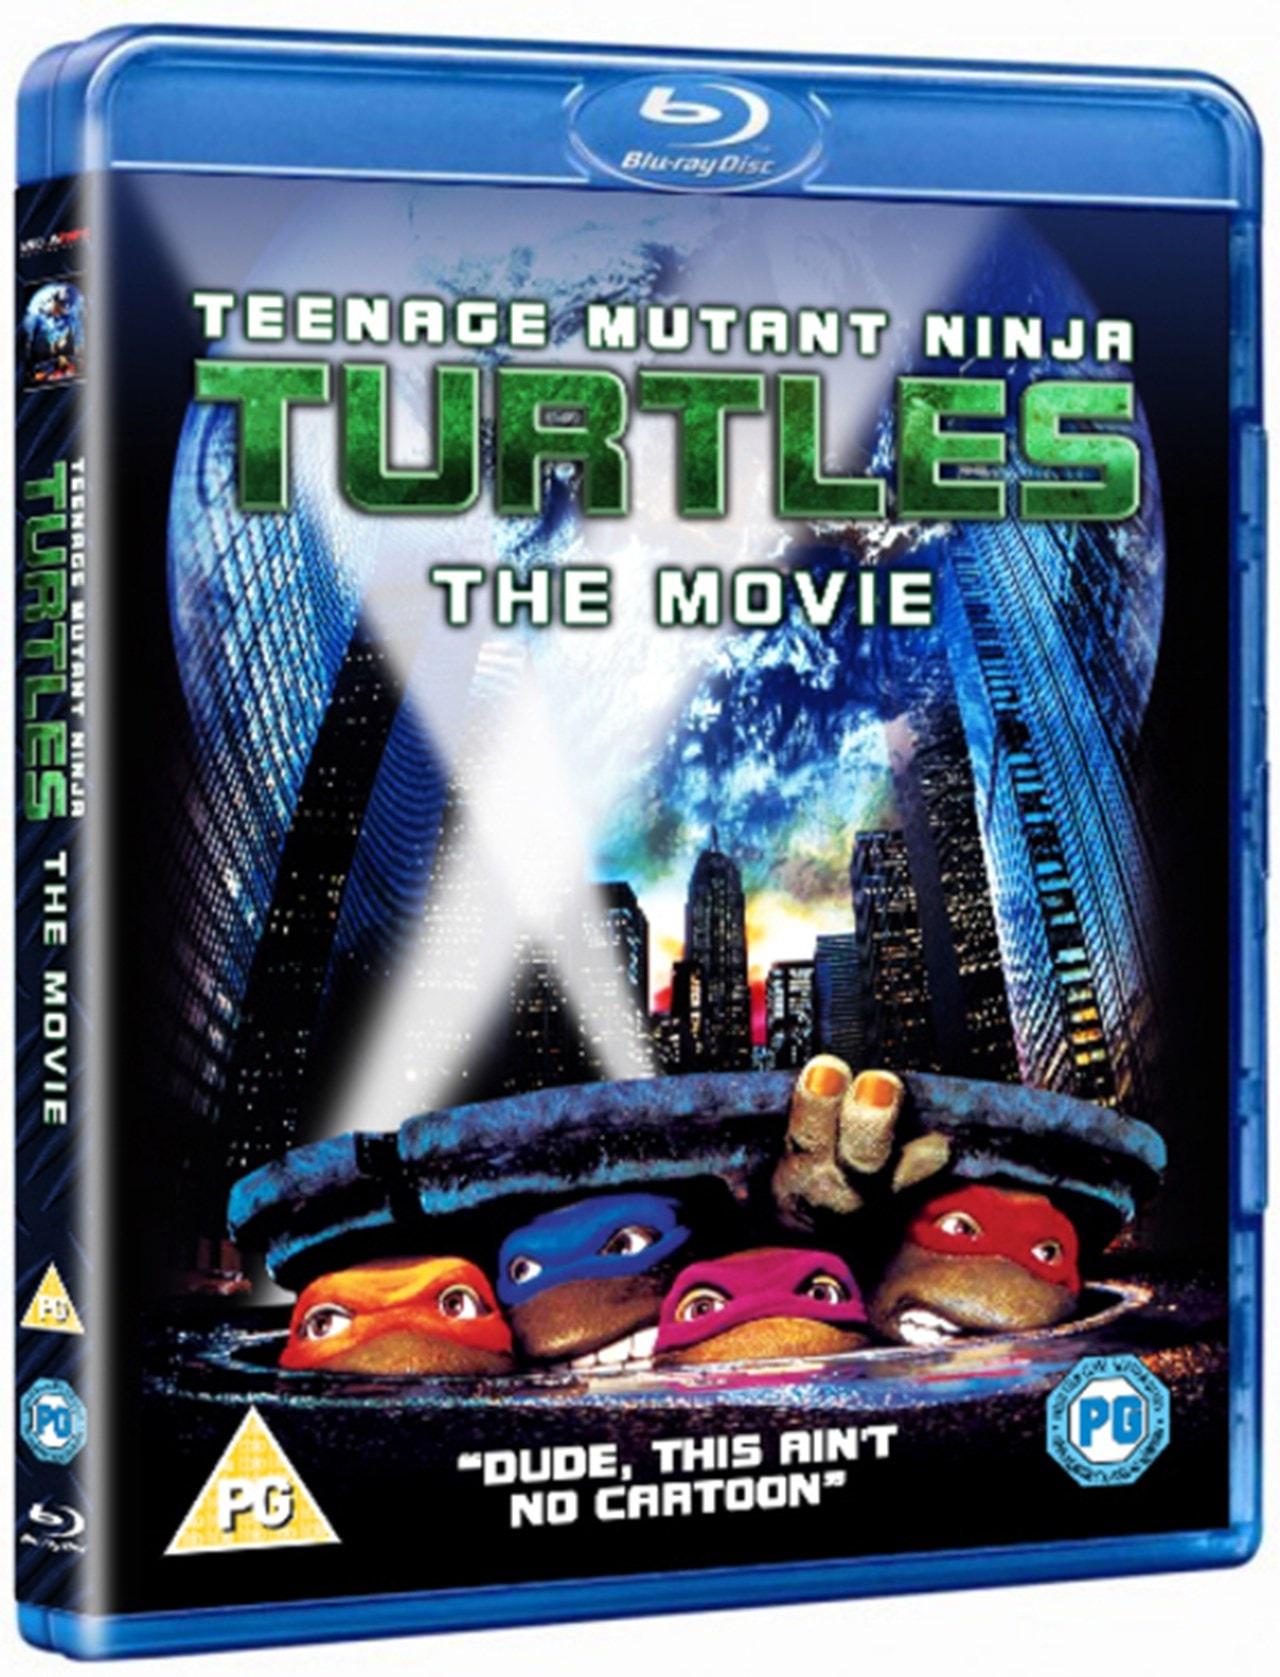 Teenage Mutant Ninja Turtles - 2